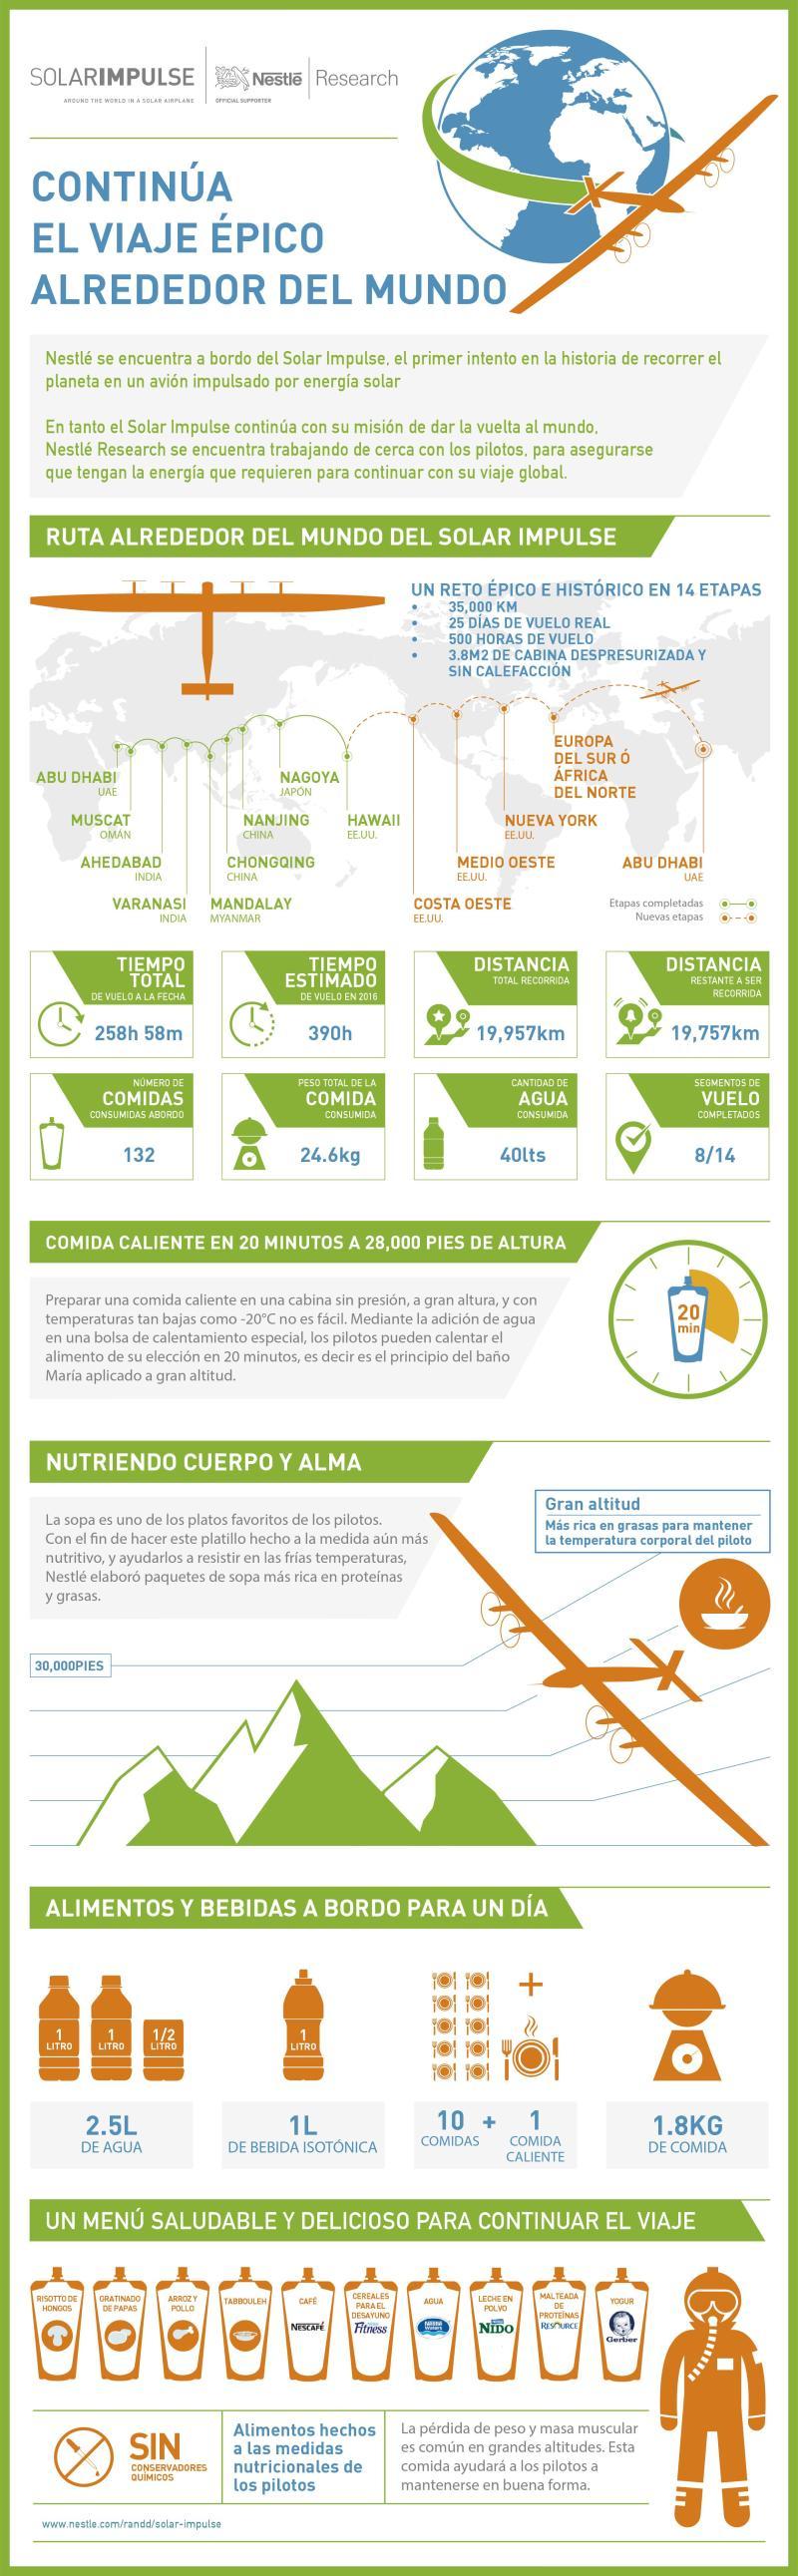 """Nestlé se encuentra a bordo del """"Solar Impulse"""", el primer avión propulsado por energía solar en darle la vuelta al mundo - infografia-solar-impulse-1"""